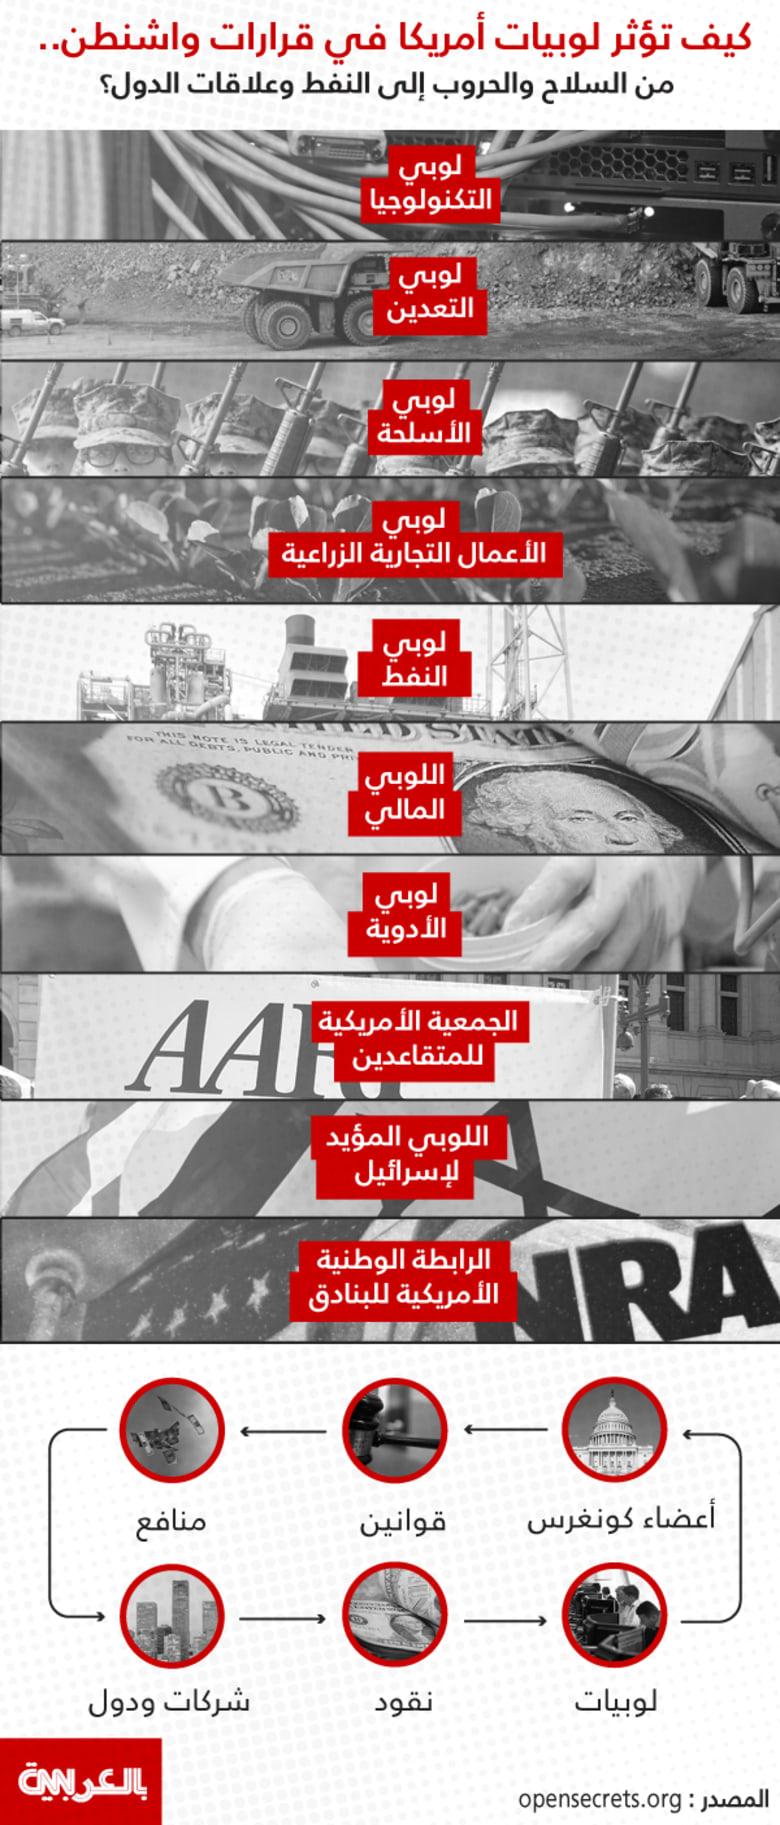 انفوجرافيك: كيف تؤثر لوبيات أمريكا في قرارات واشنطن.. من السلاح والحروب إلى النفط وعلاقات الدول؟